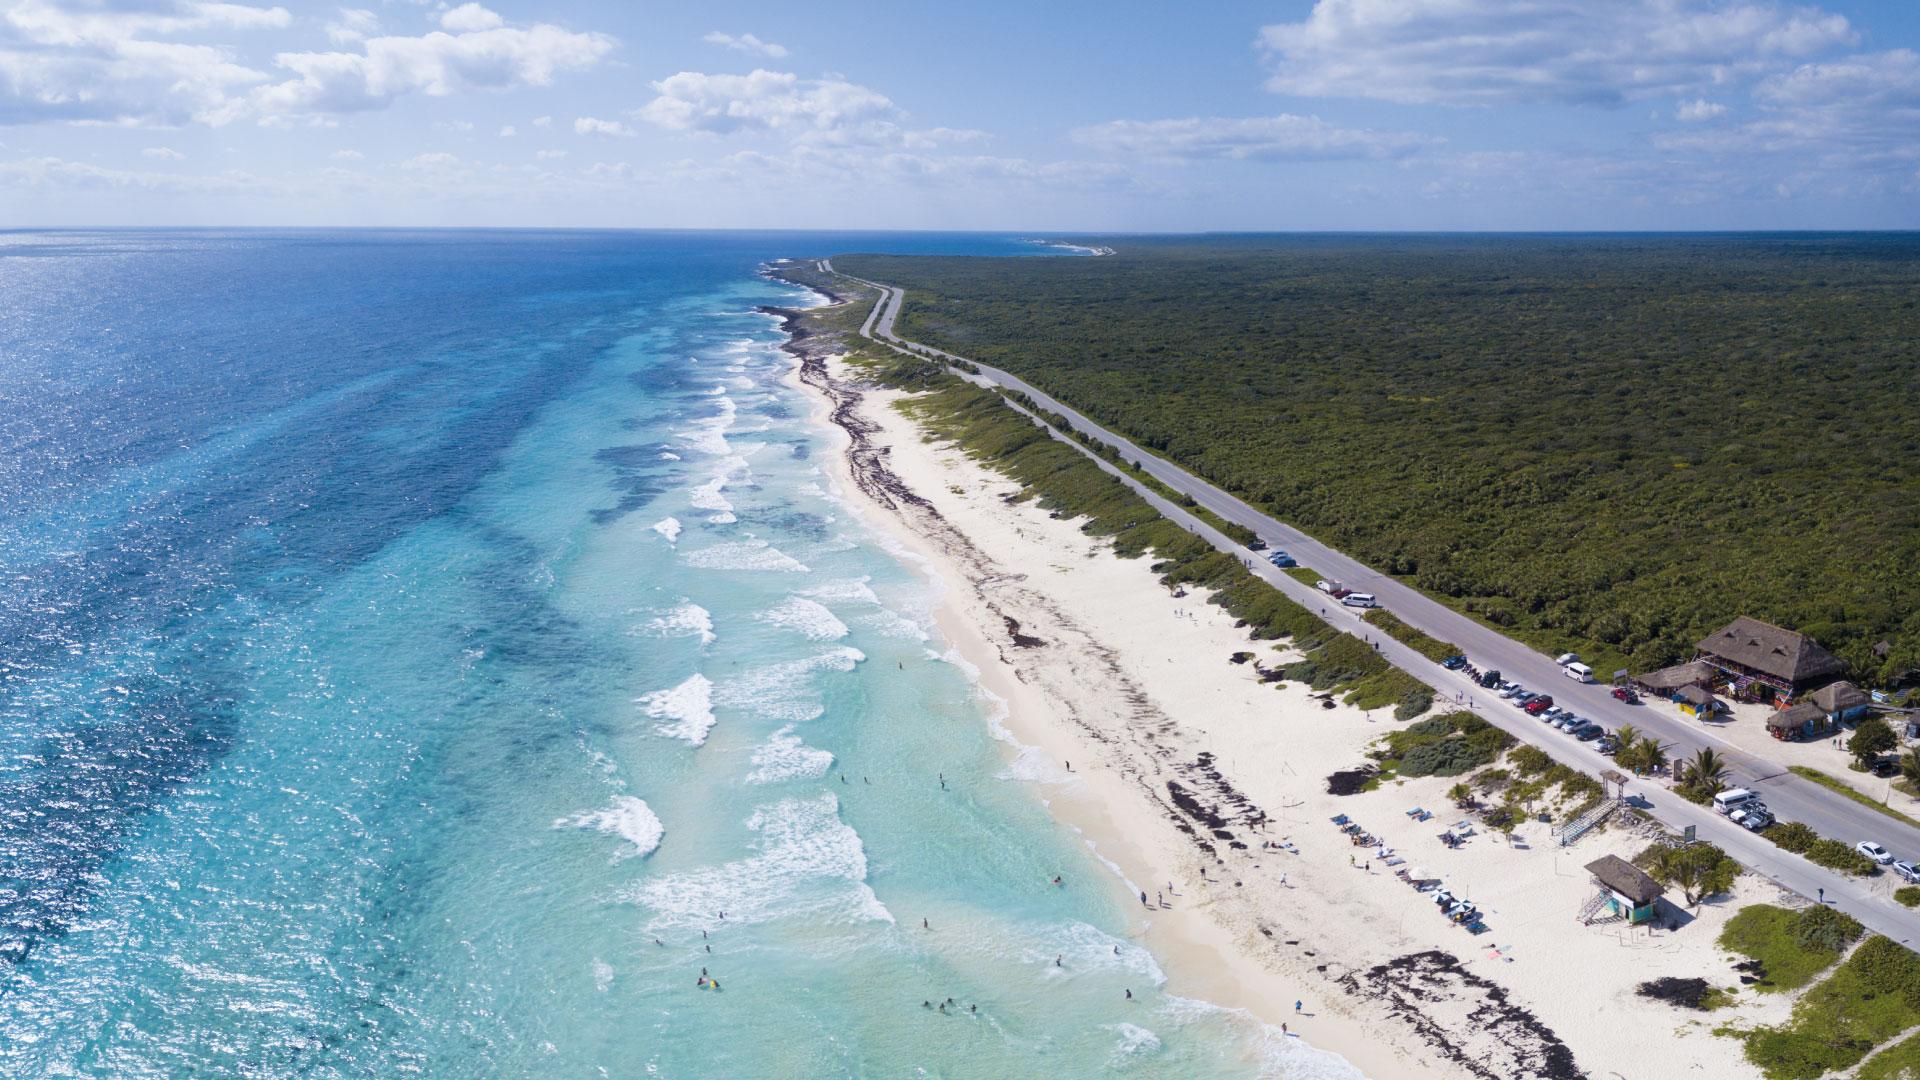 La costa de las isla Cozumel